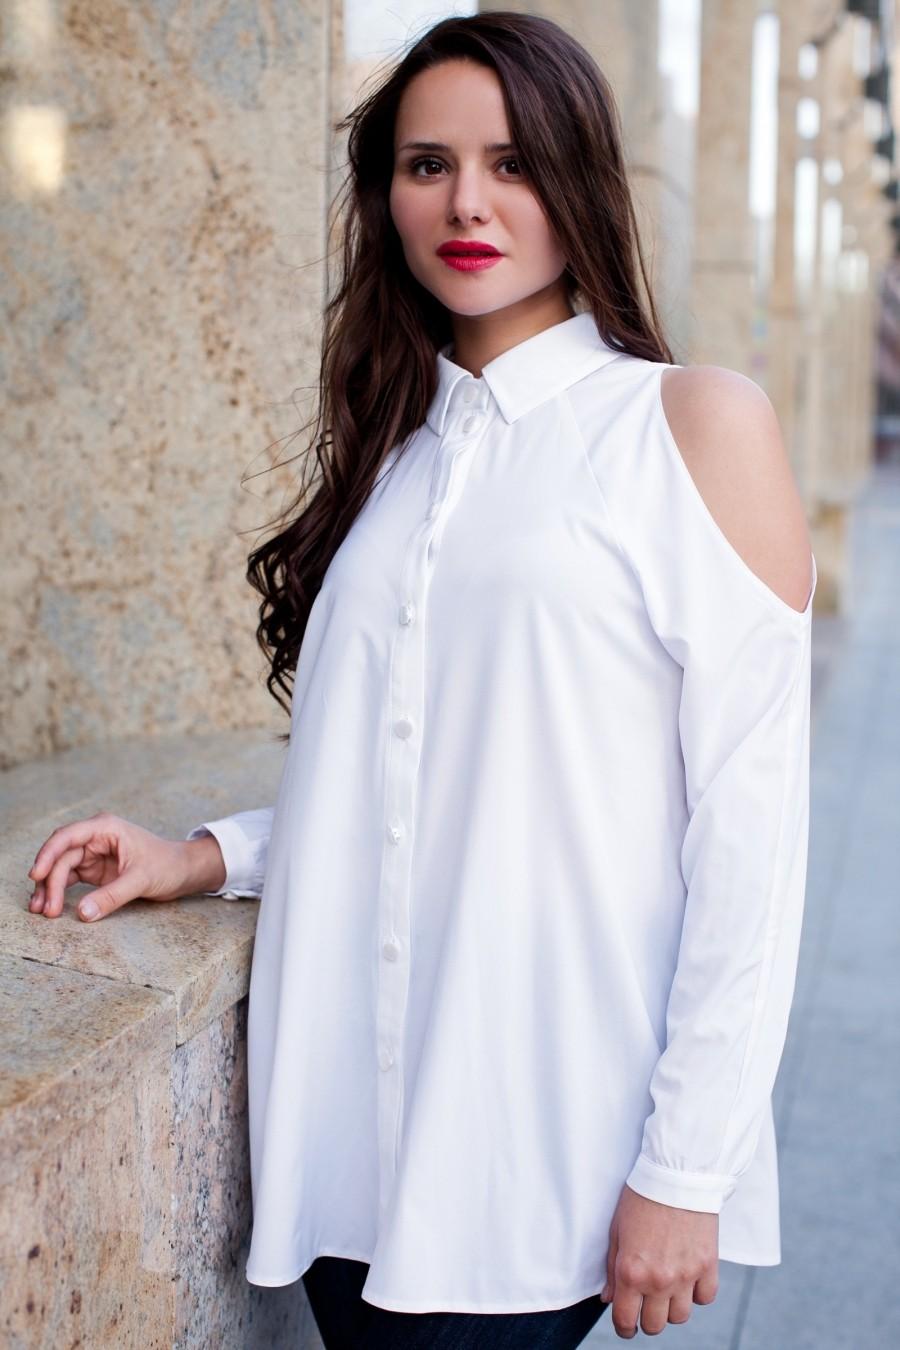 модные блузки 2018: с открытыми плечами белая длинная